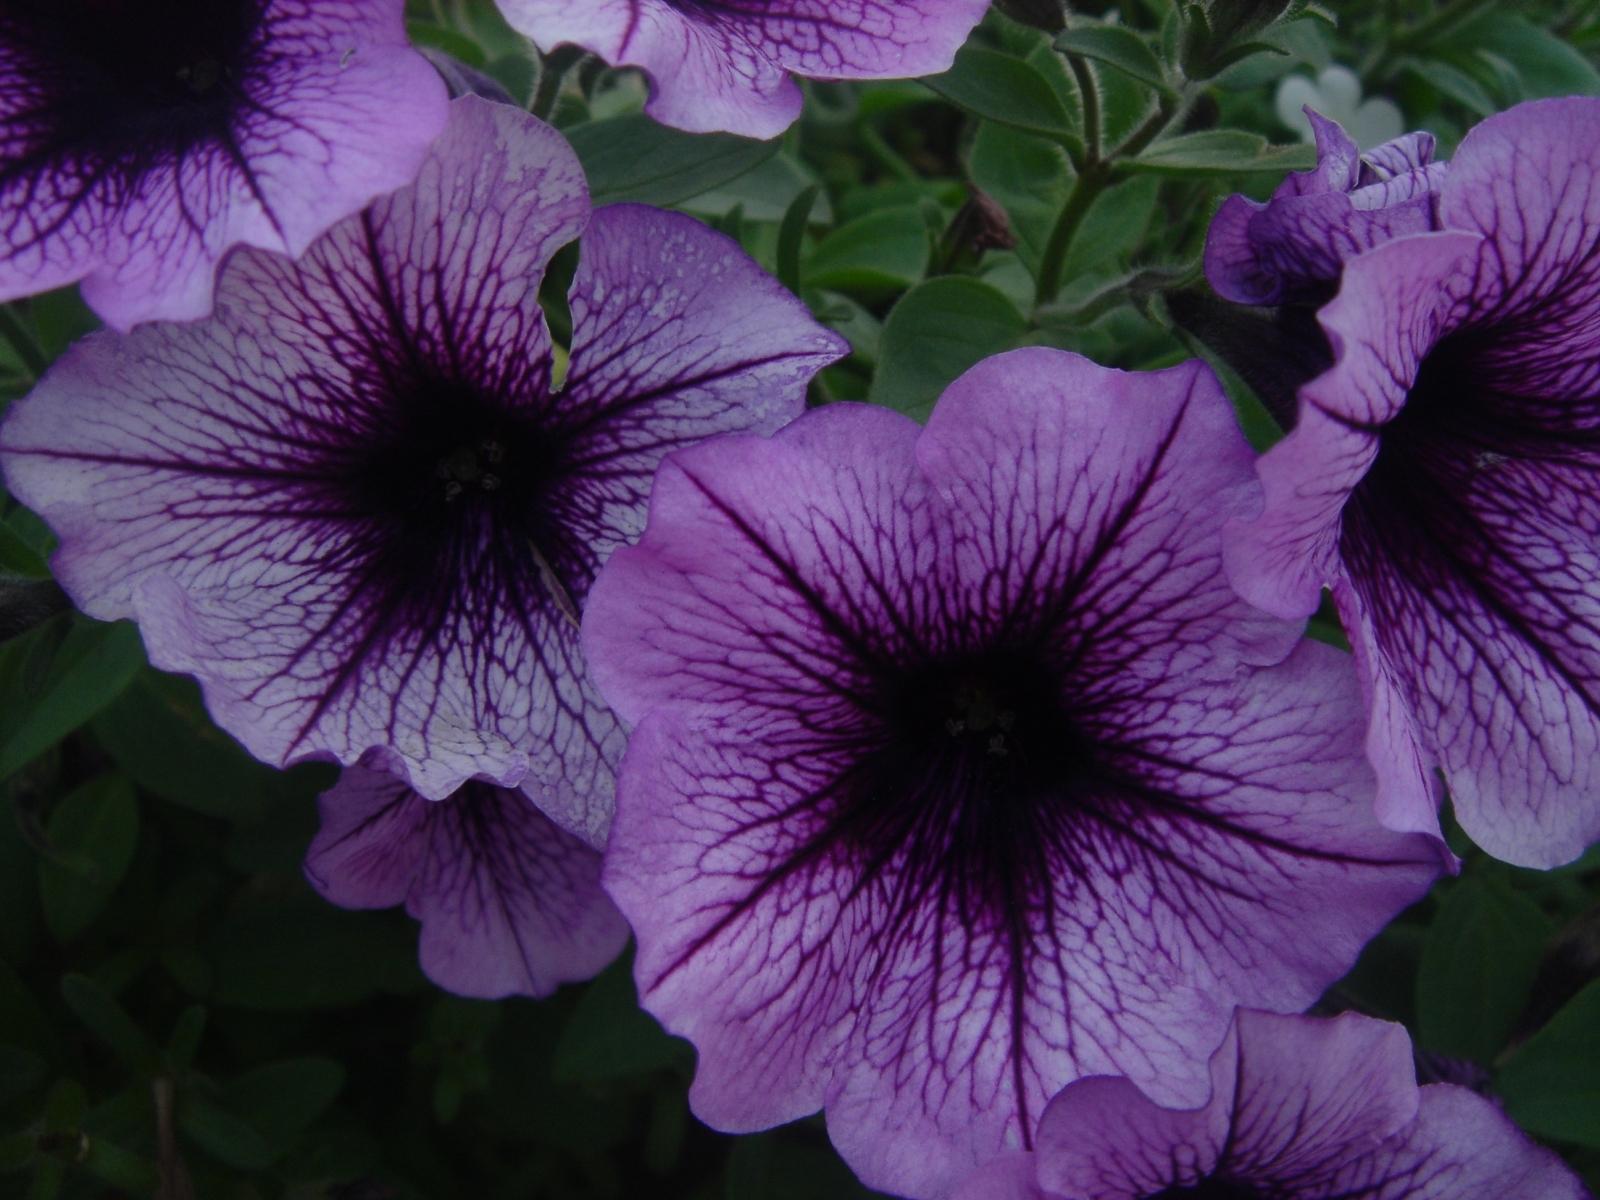 4803 Hintergrundbild herunterladen Pflanzen, Blumen, Bindweed - Bildschirmschoner und Bilder kostenlos